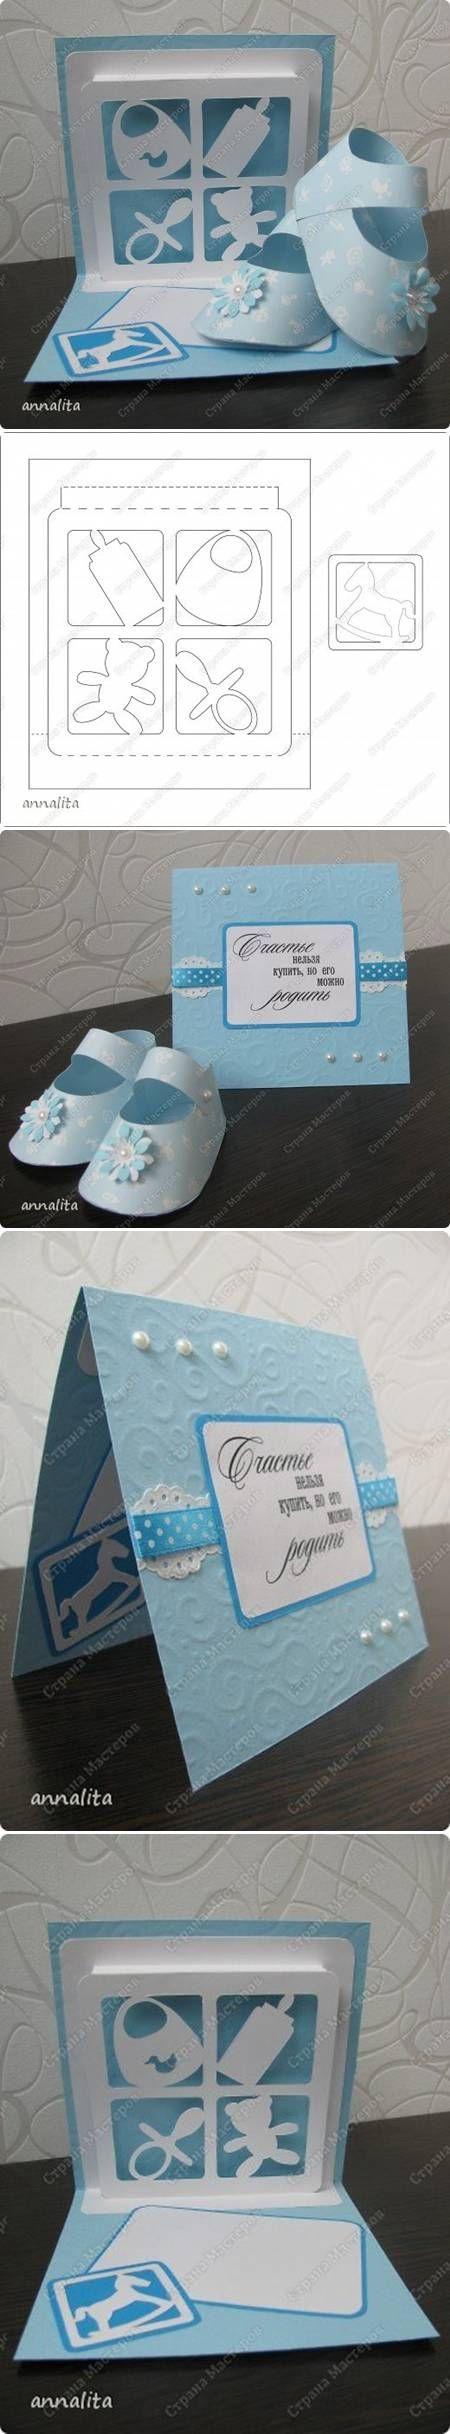 DIY Newborn Card Template diy newborn easy crafts diy ideas diy crafts do it yourself easy diy cards baby shower diy gifts baby boy diy gift ideas baby girl easy diy craft ideas diy tutorials